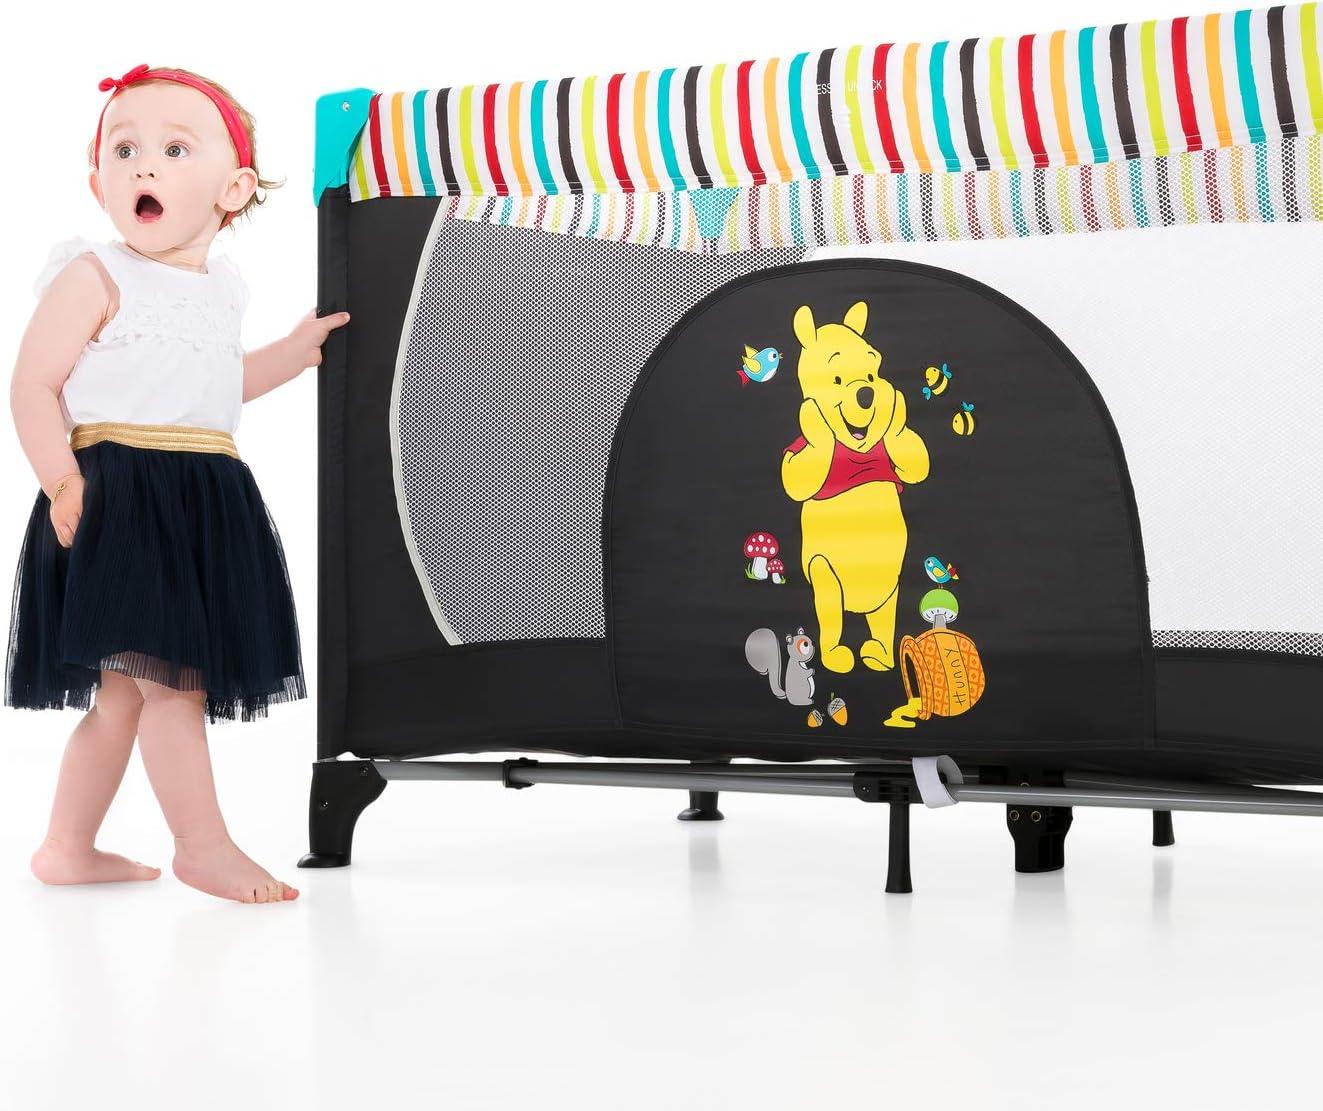 de 0+ meses hasta 15 kg bebe verde Hauck Dream N Play incluido colch/óncito y bolsa de transporte ligera y estable plegado y montaje f/ácil Cuna de viaje 3 piezas 120 x 60cm